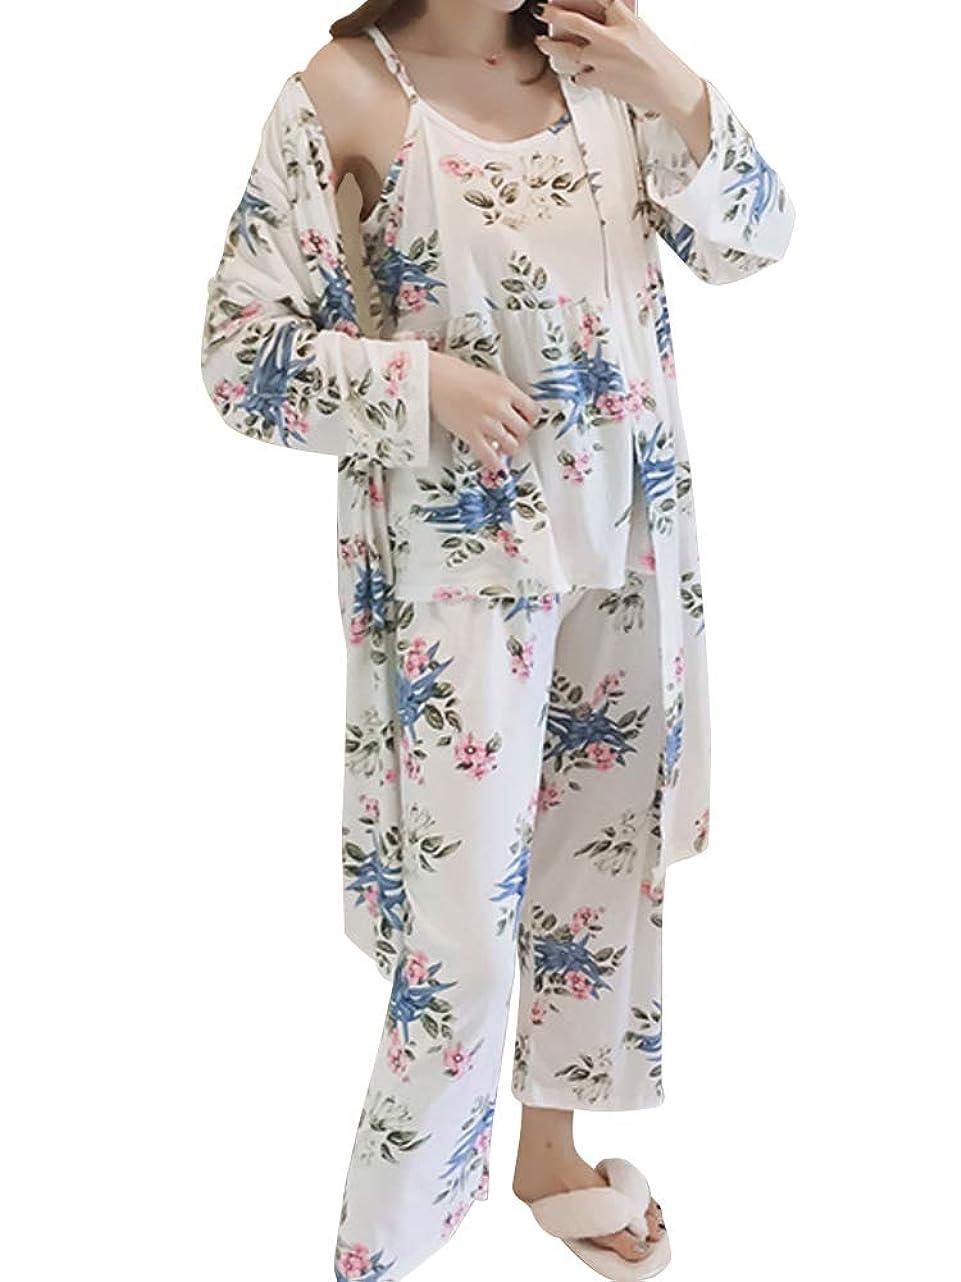 邪魔する八今まで[ニーマンバイ] 花柄 ルームウェア 3点セット 抜け感 部屋着 パジャマ キャミソール レディース M~XL